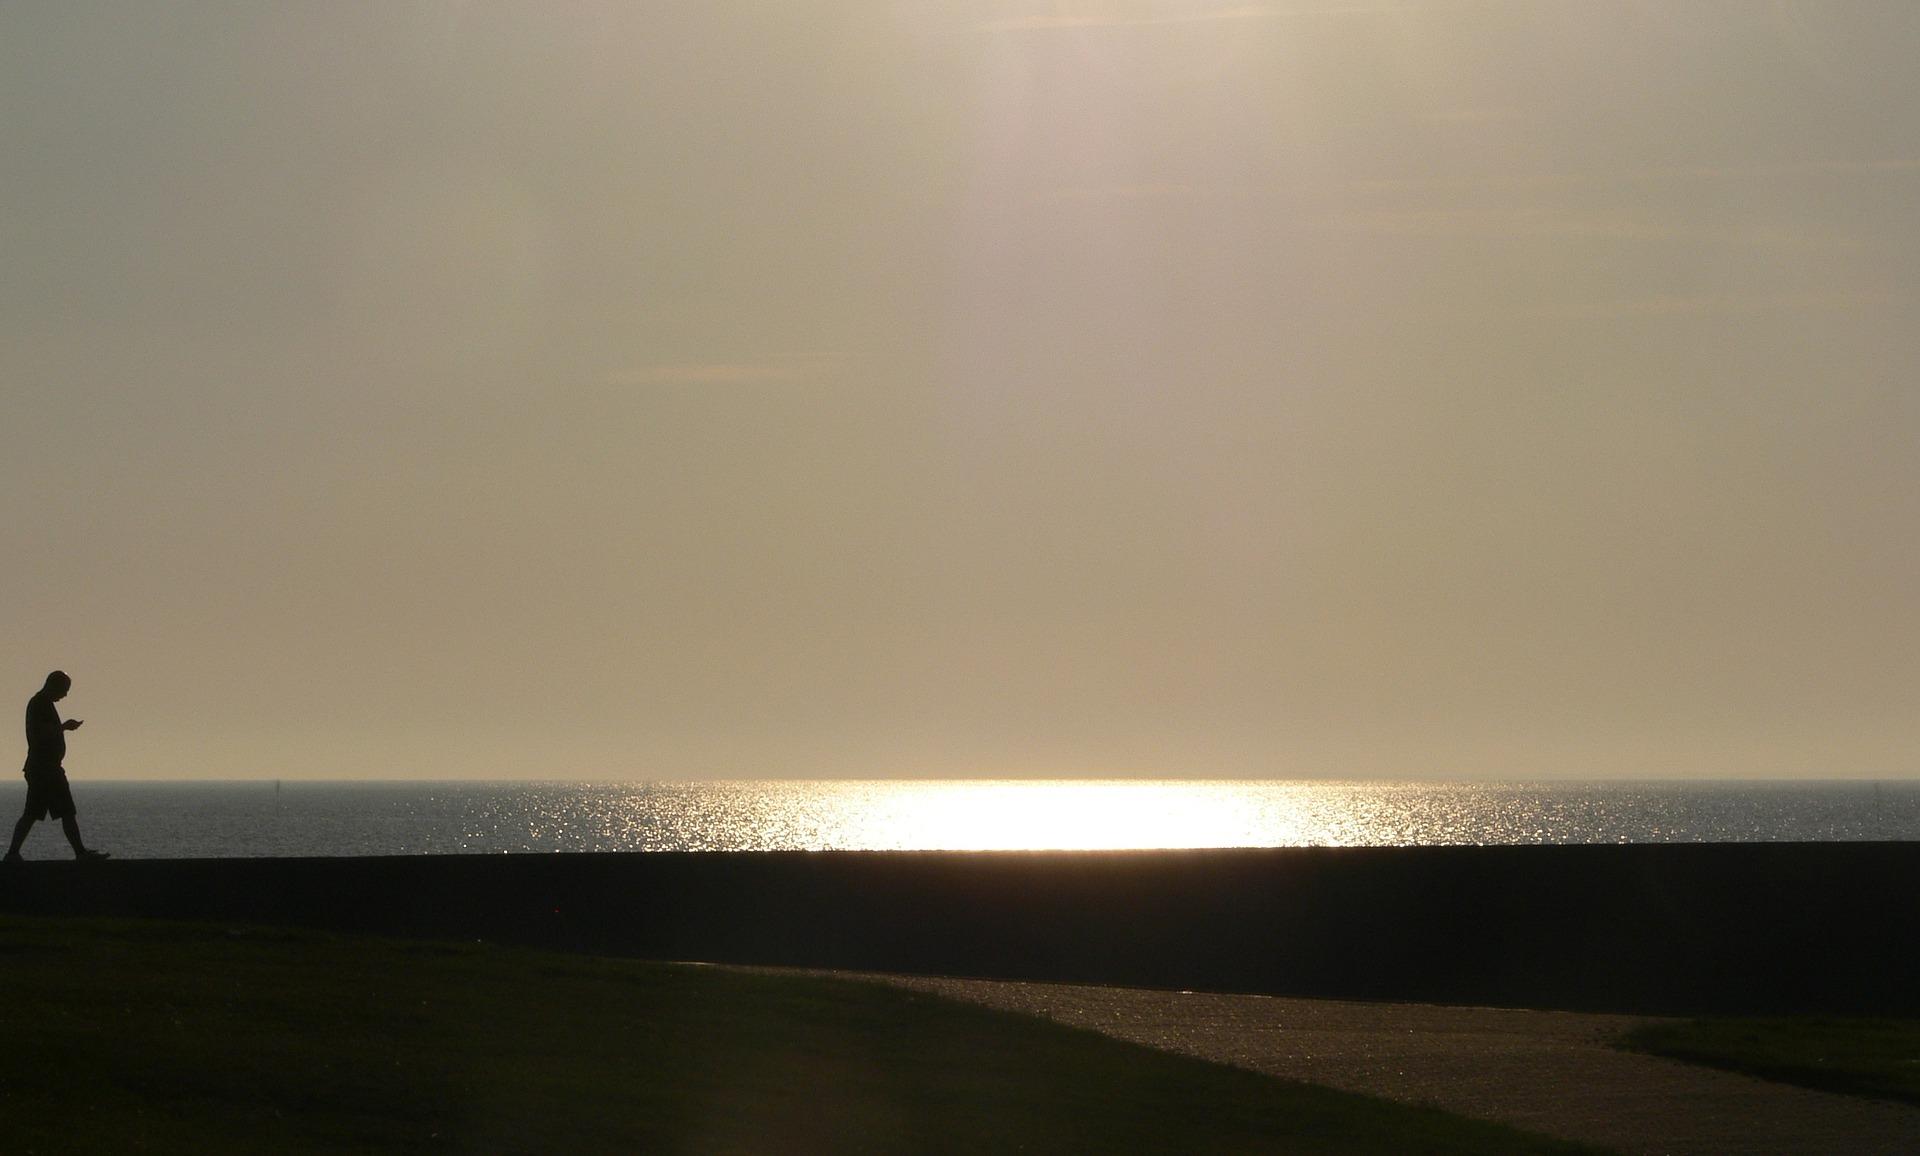 north-sea-930949_1920.jpg